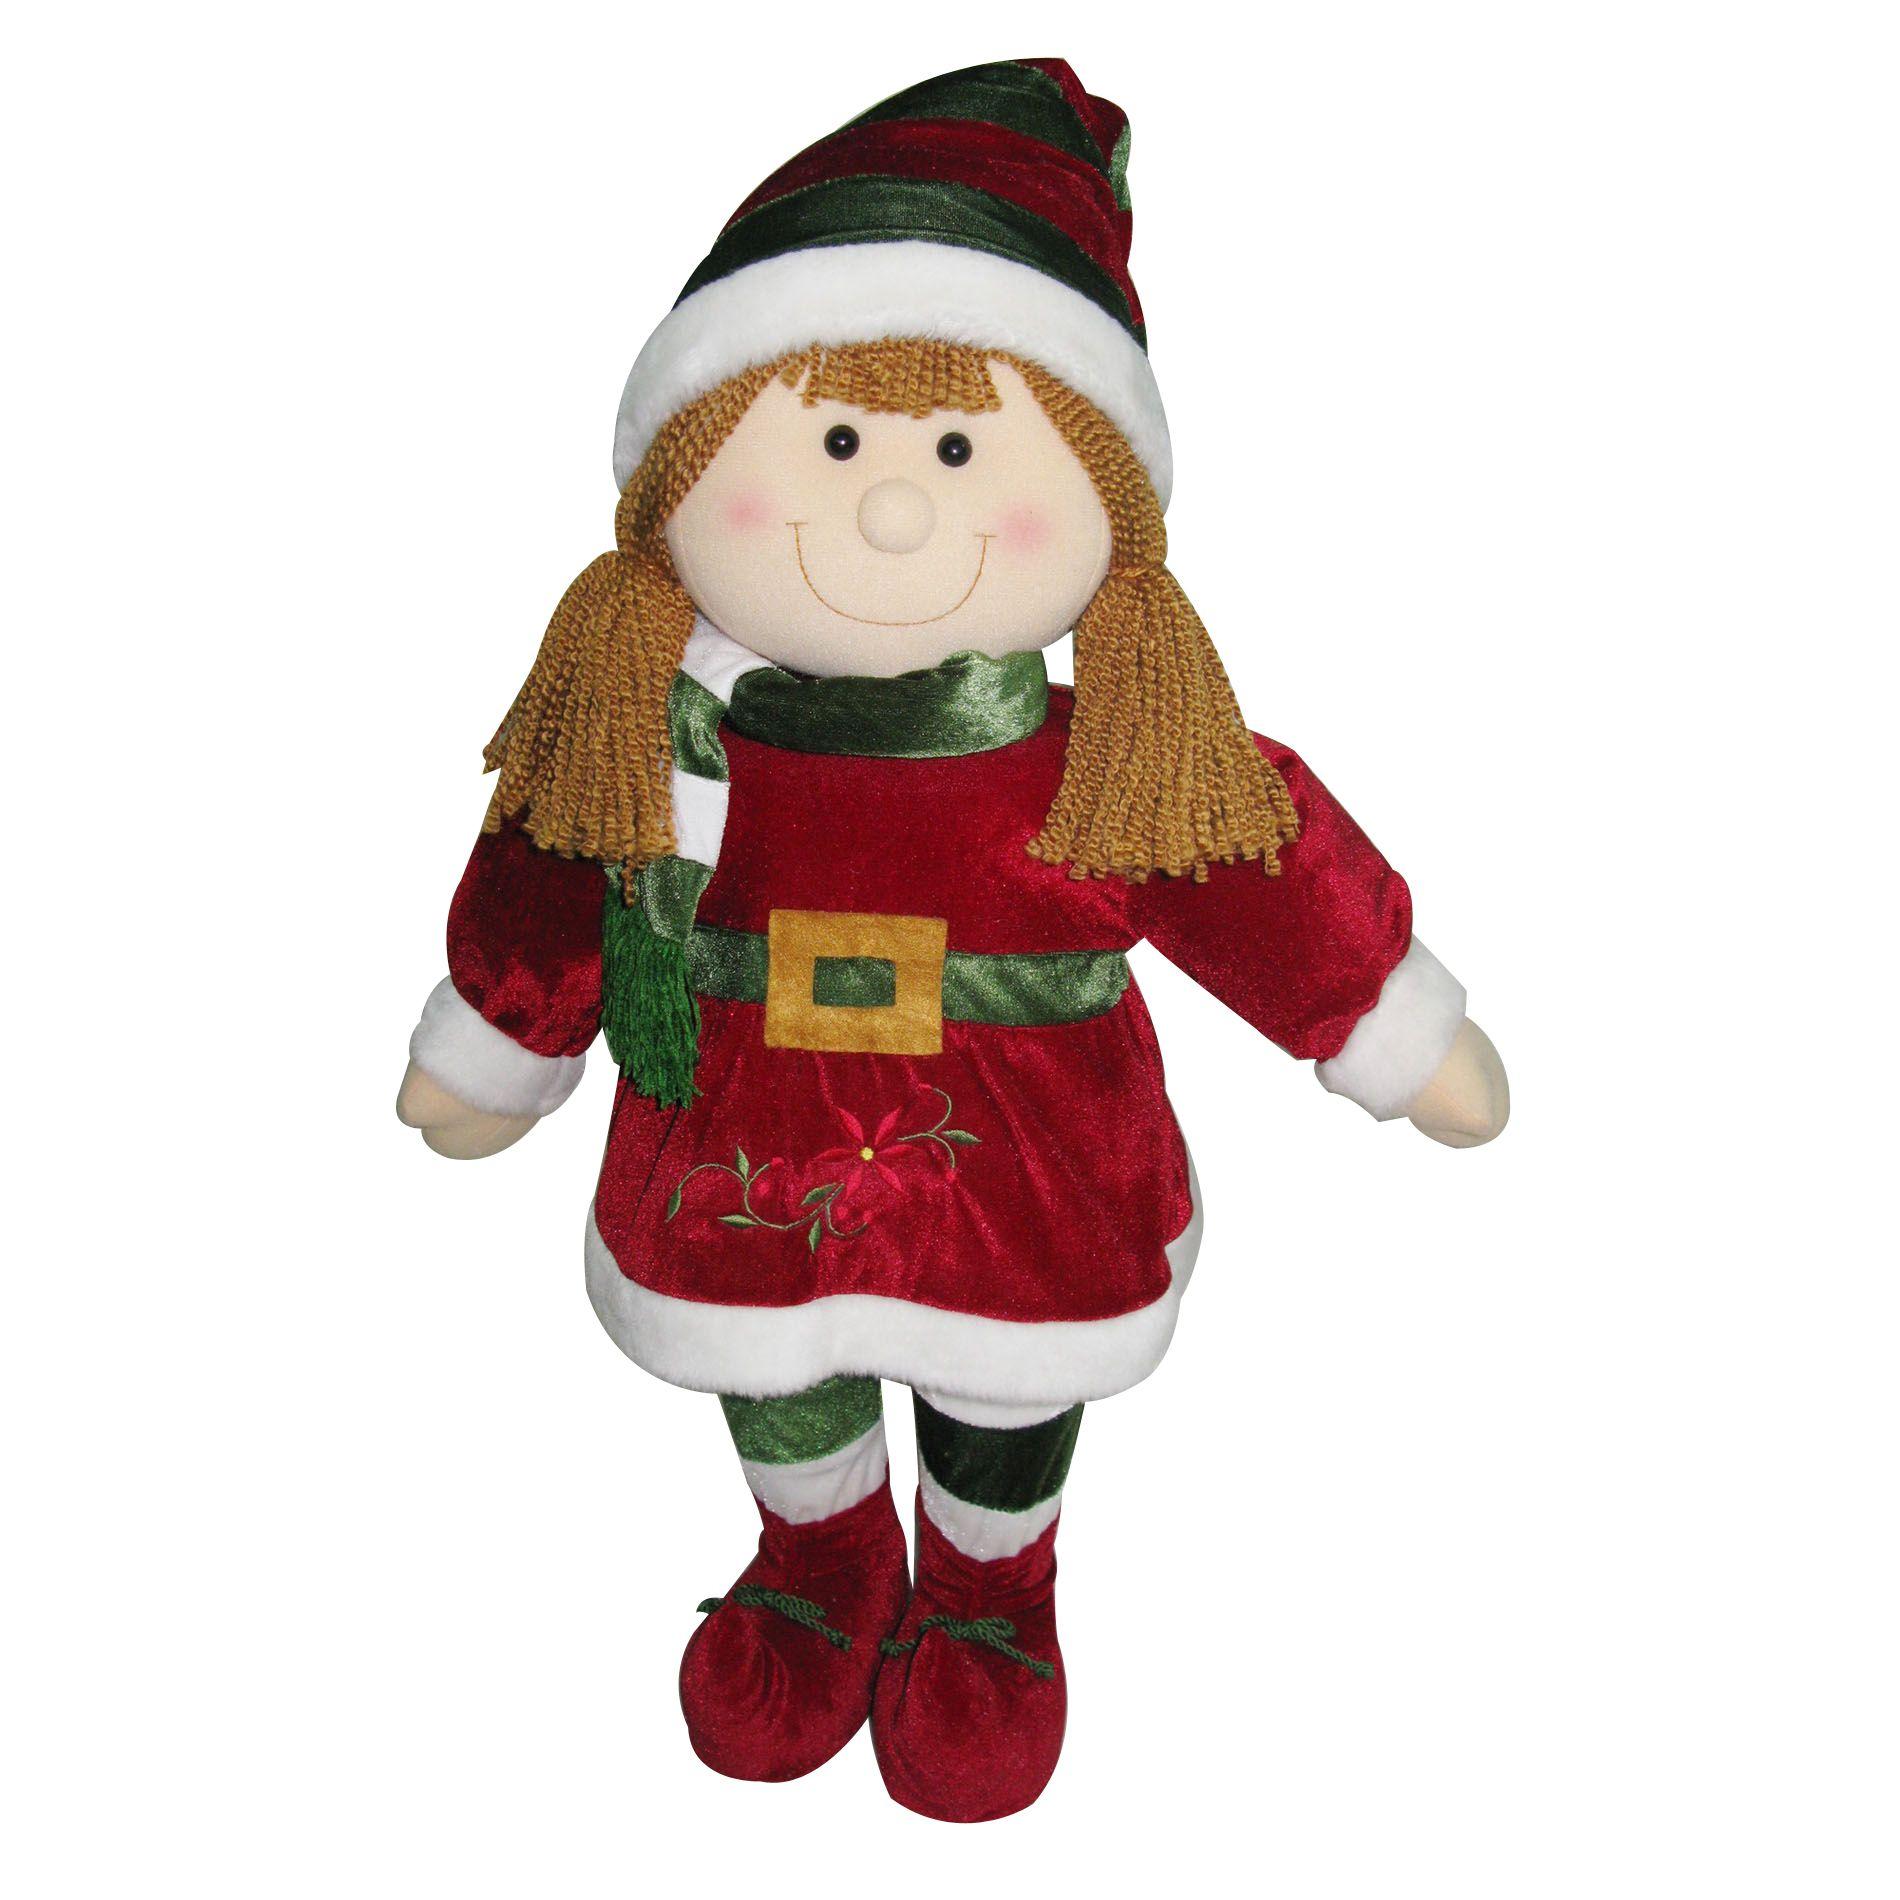 Kmart Christmas Elves Google Search Christmas Elf Christmas Ornaments Christmas